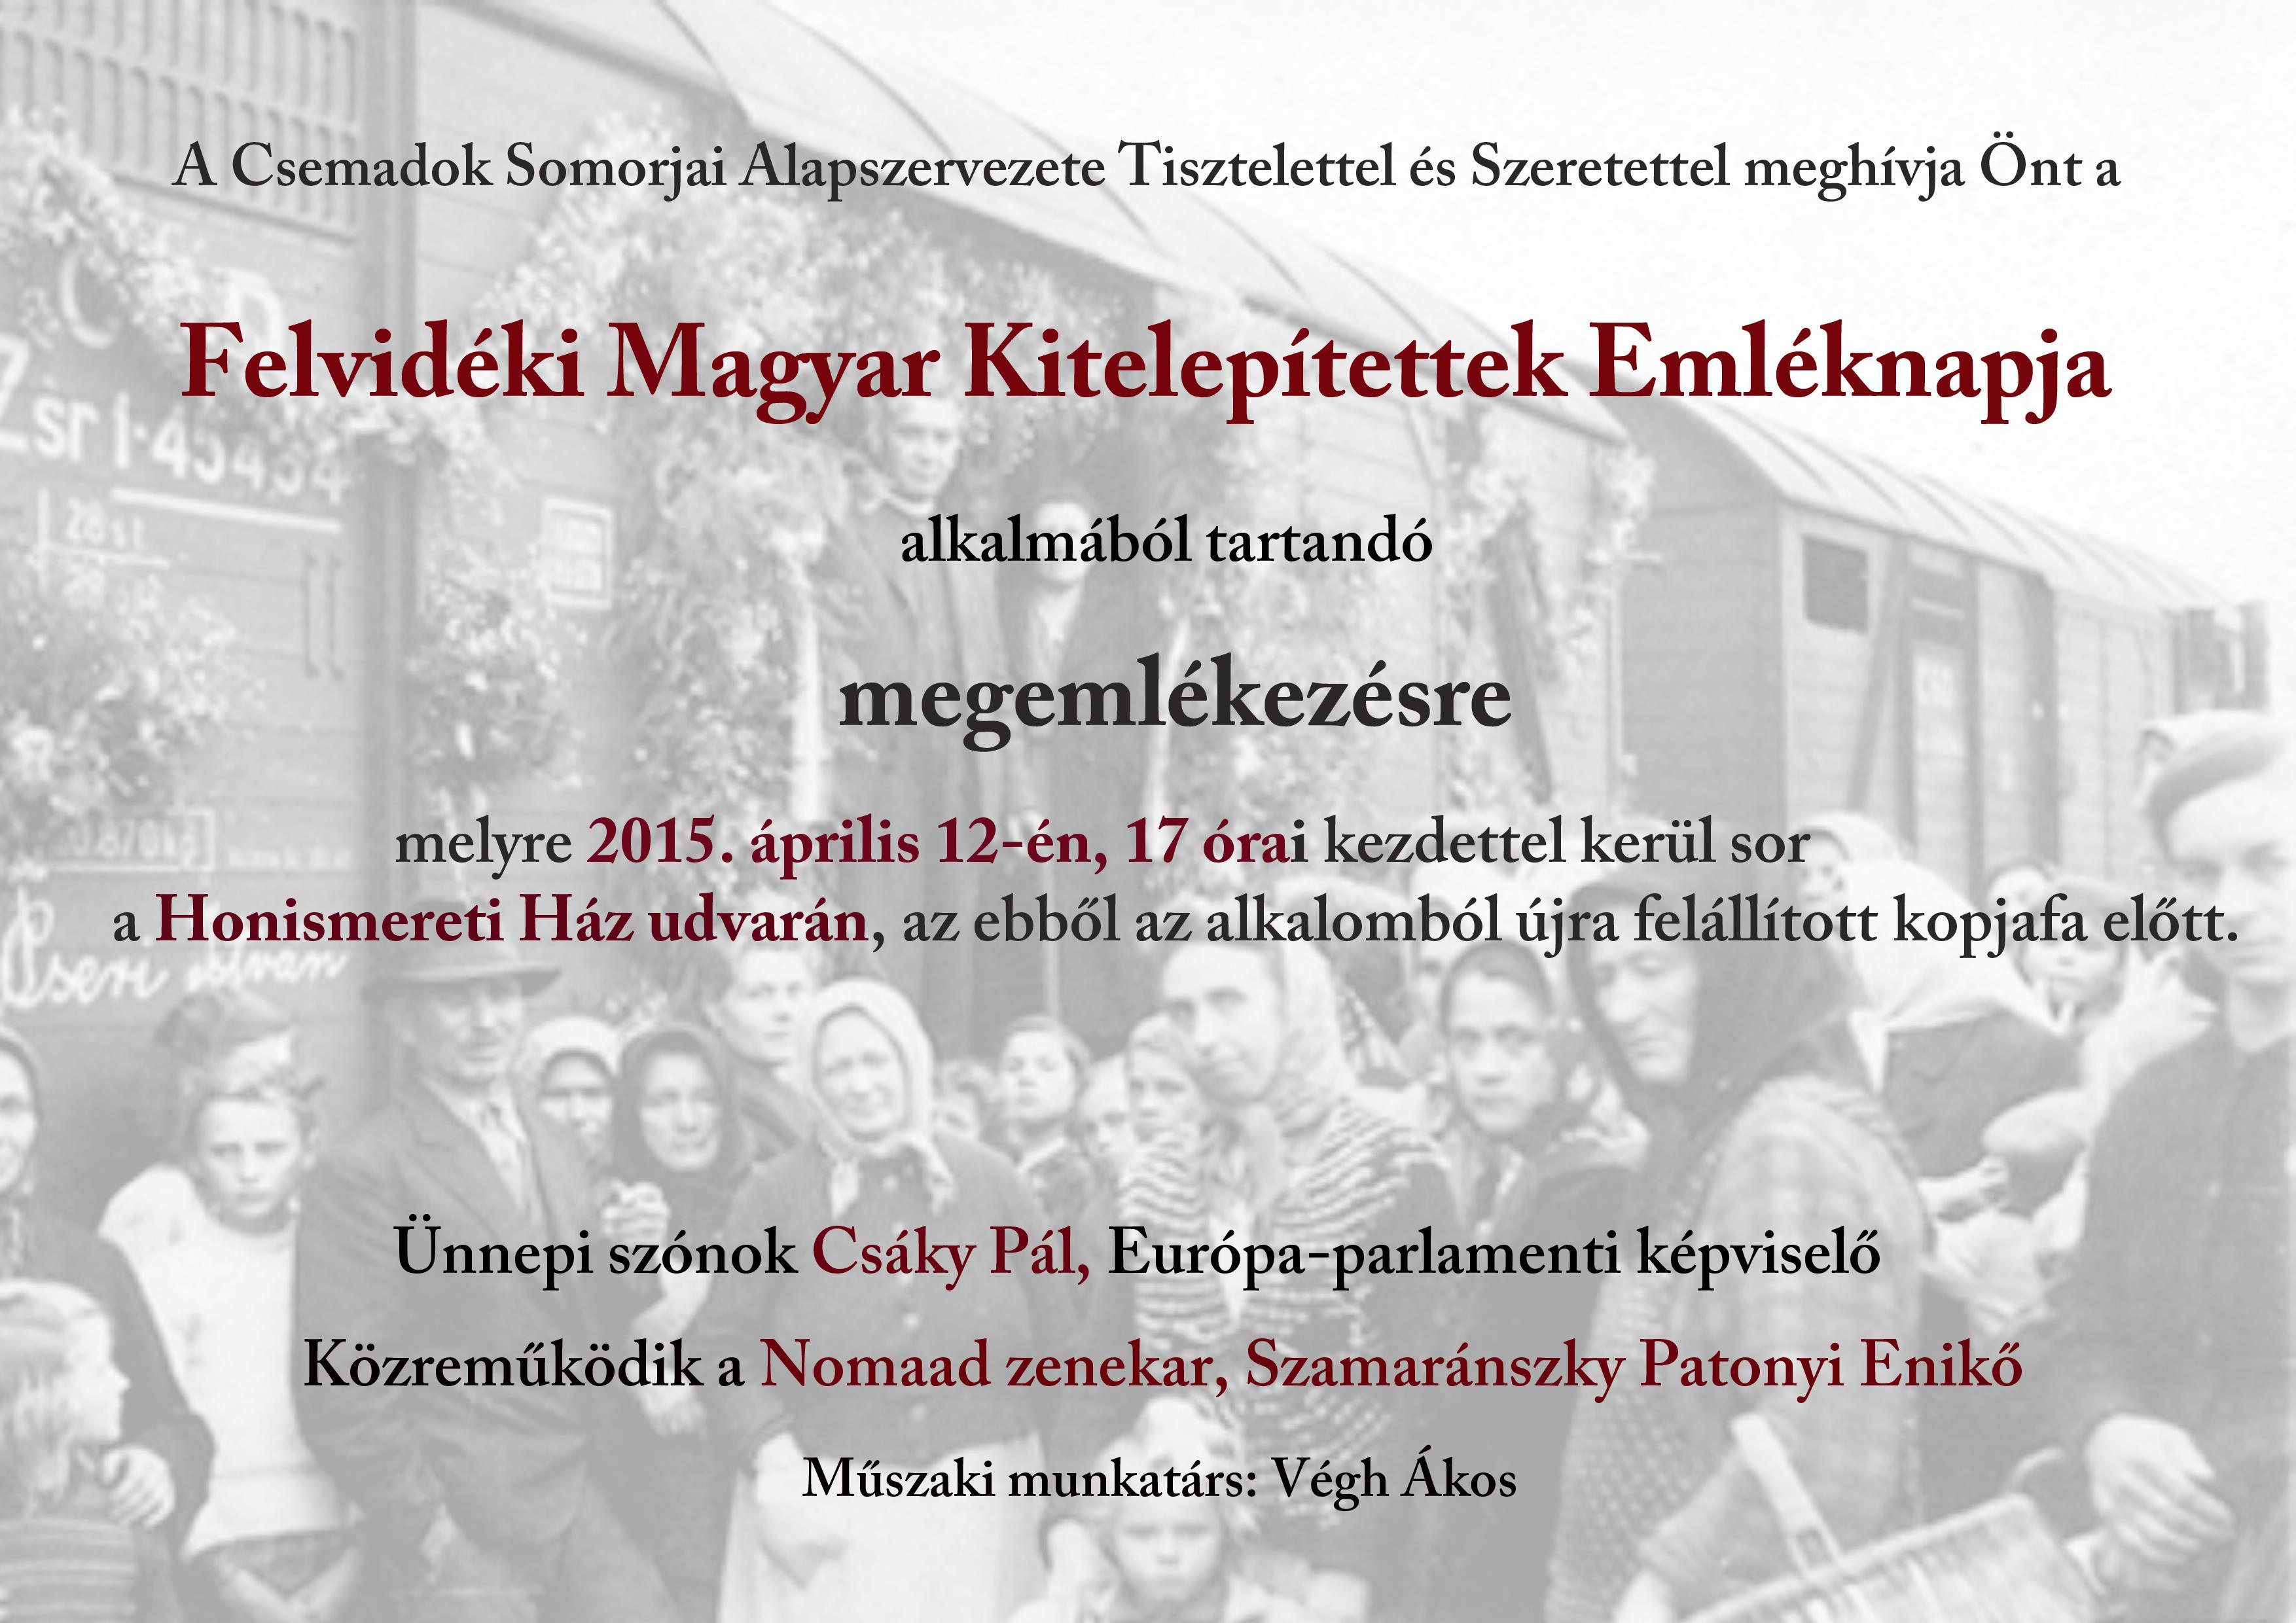 Felvidékről kitelepített magyarok emléknapja: Megemlékezés a Honismereti Ház udvarán